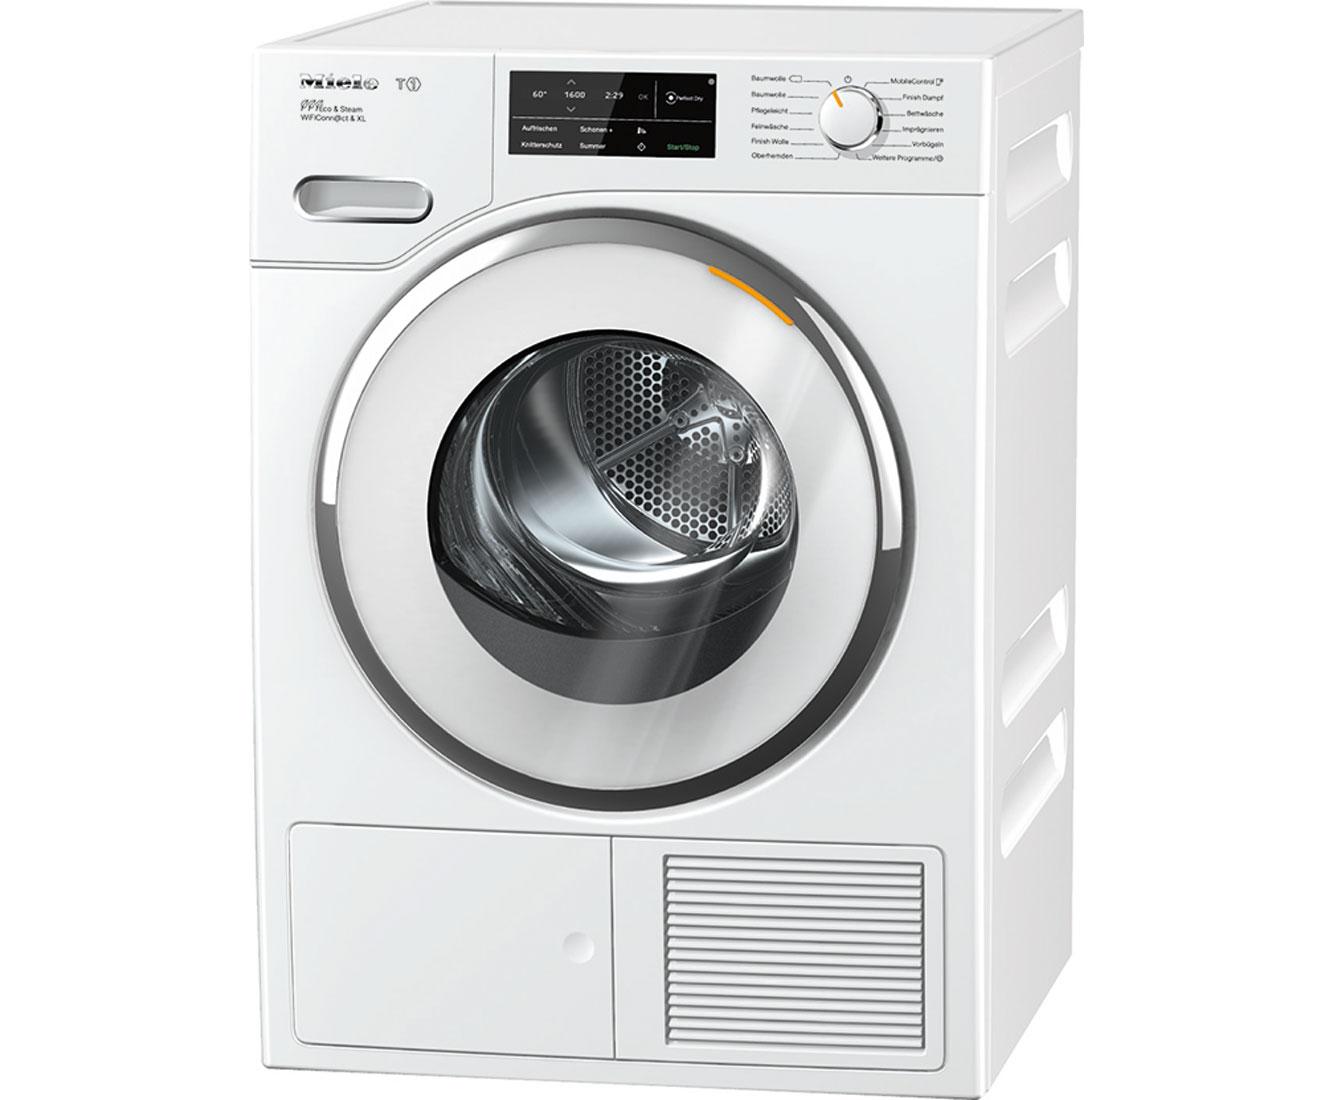 Miele TWJ680WP Wärmepumpentrockner - Weiß | Bad > Waschmaschinen und Trockner > Wärmepumpentrockner | Weiß | Miele